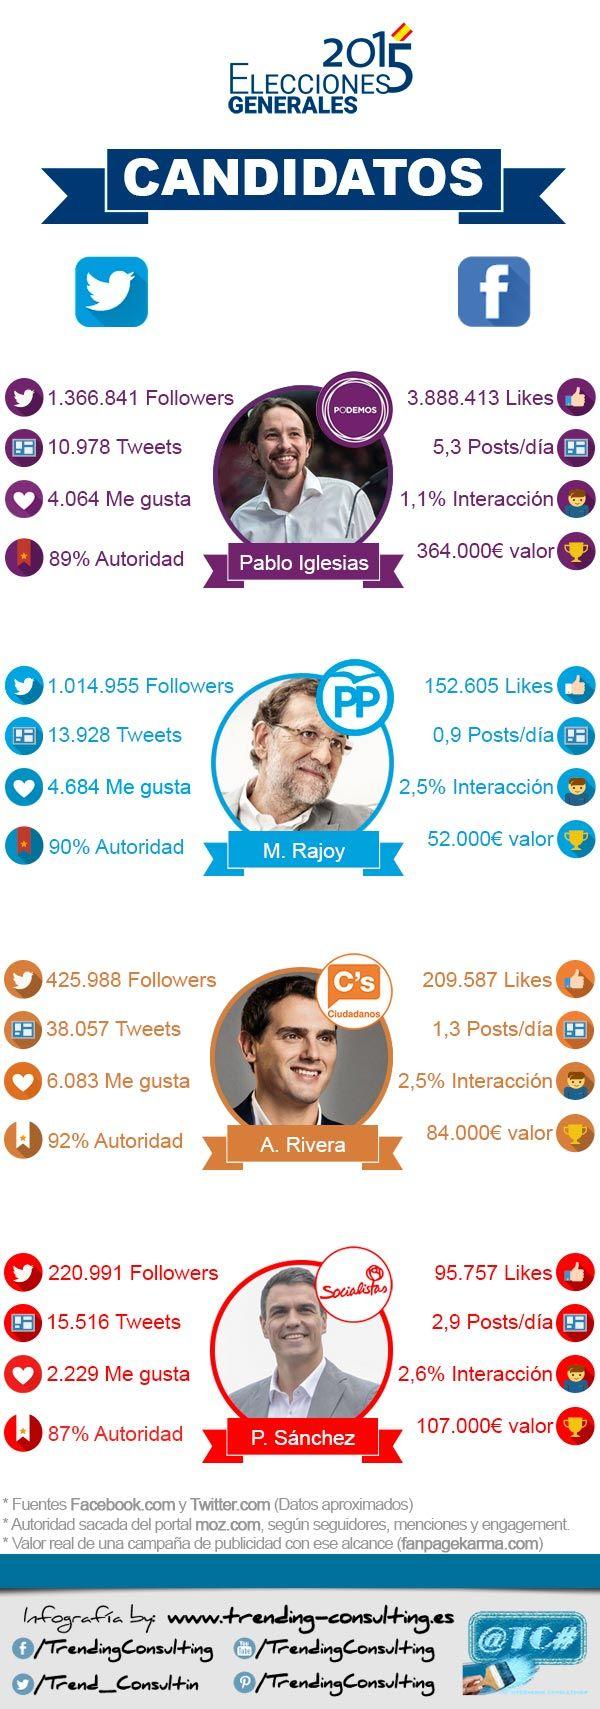 Candidatos a las #Elecciones2015 en España en las Redes Sociales #20D #Infografia